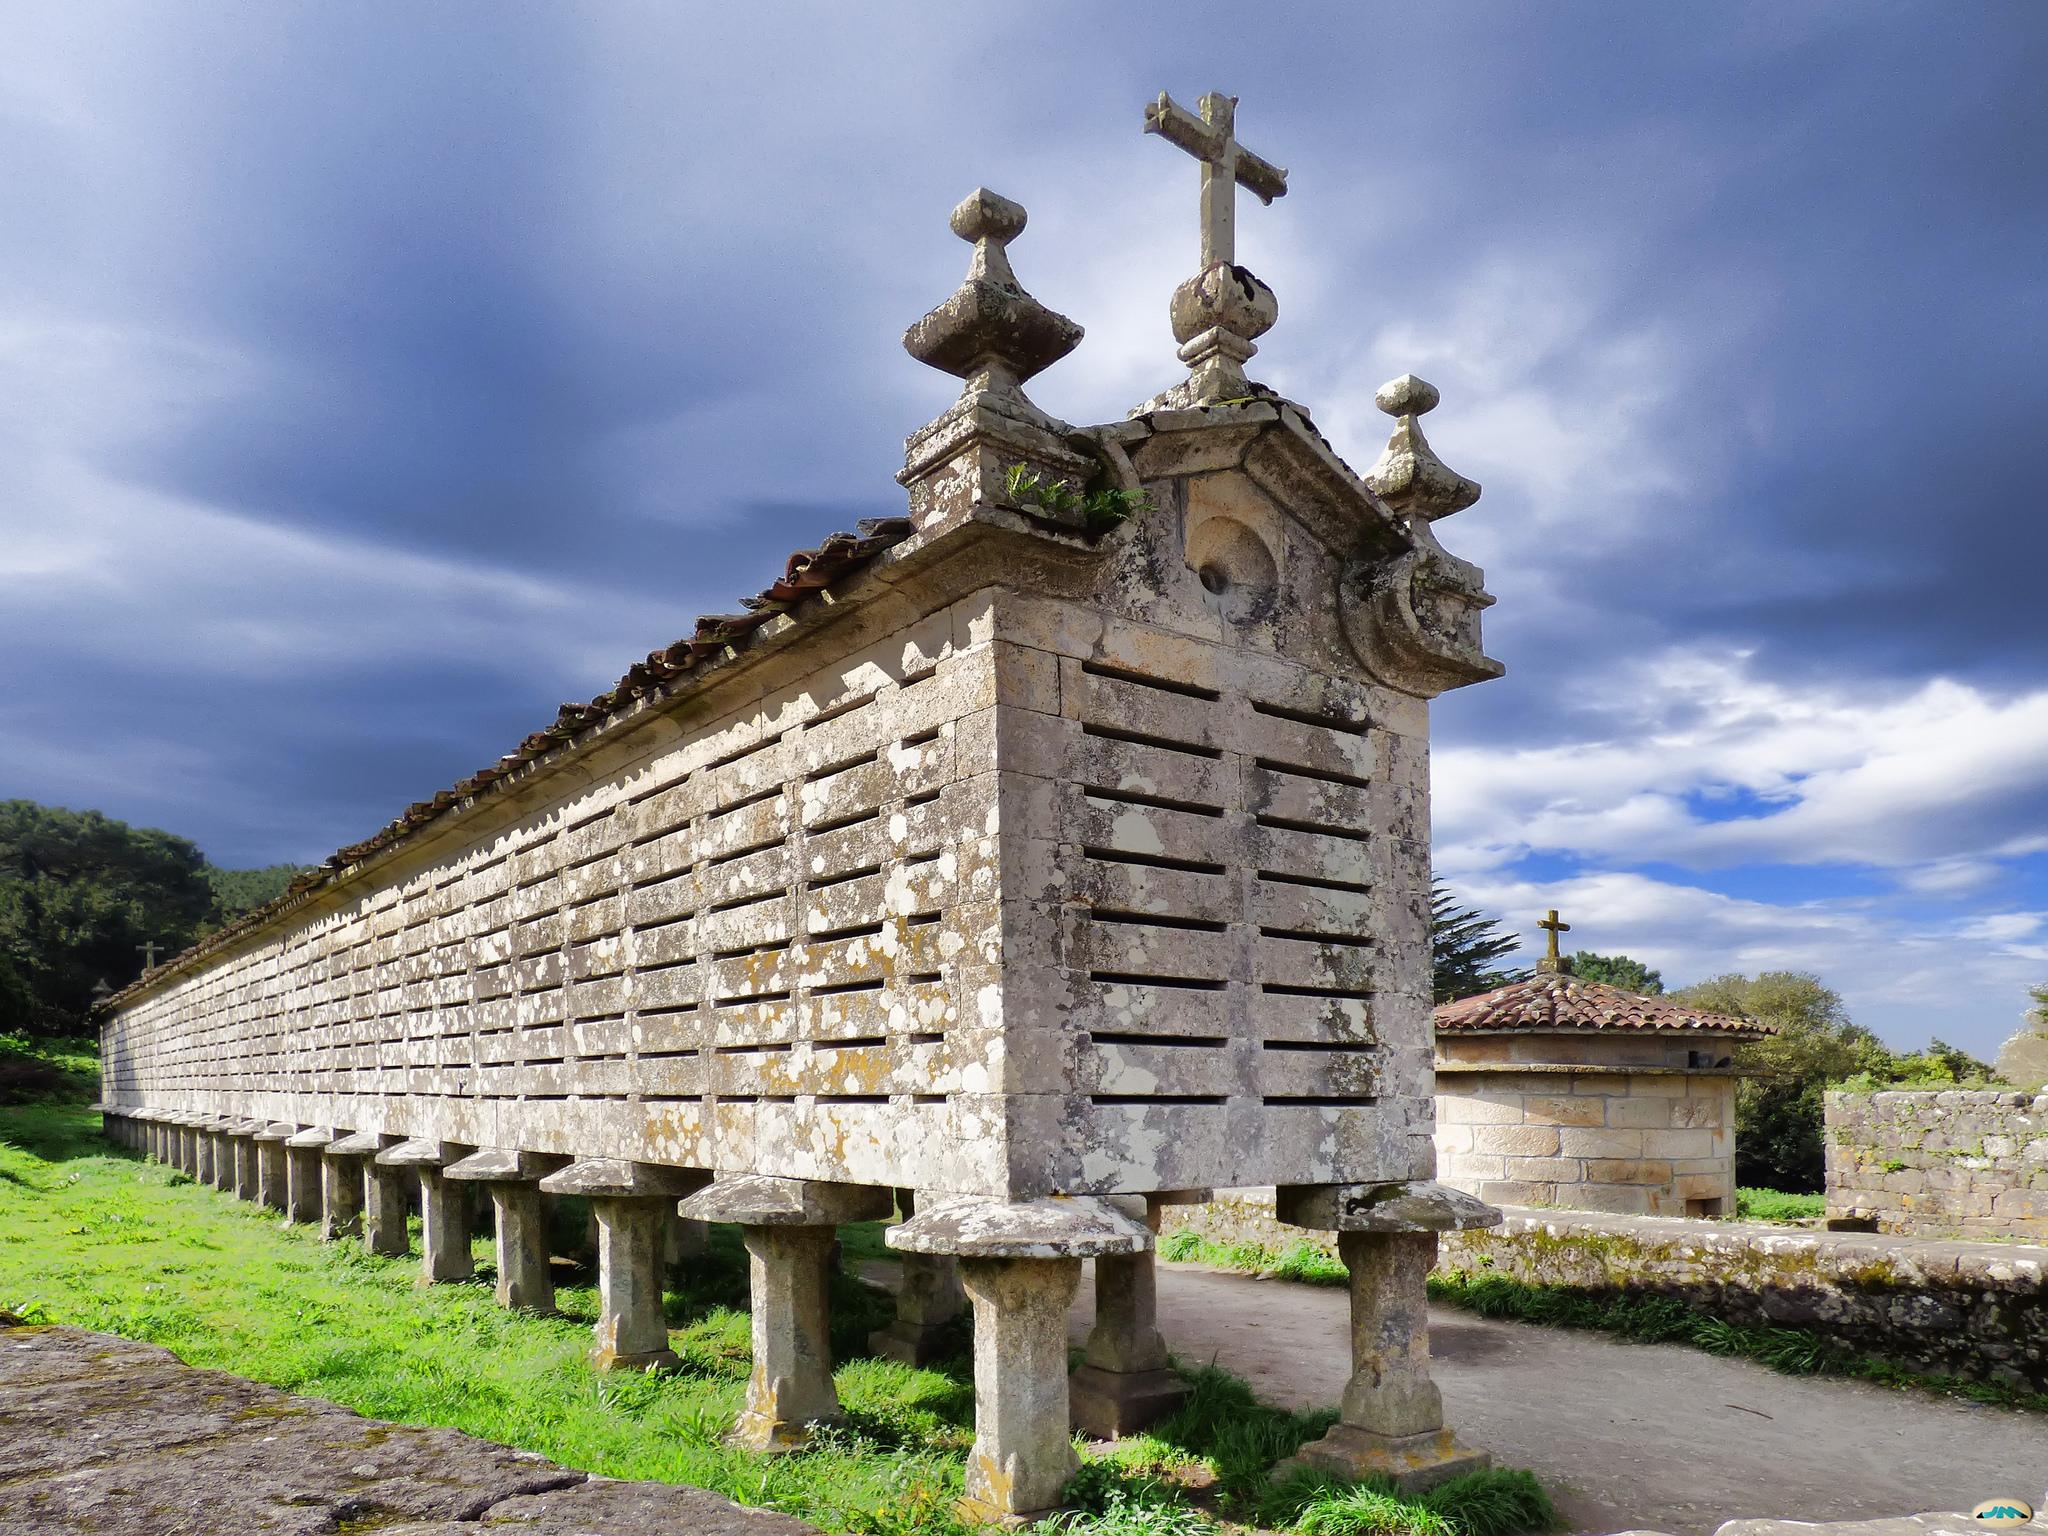 Hórreo de piedra de Carnota, uno de los más largos de Galicia